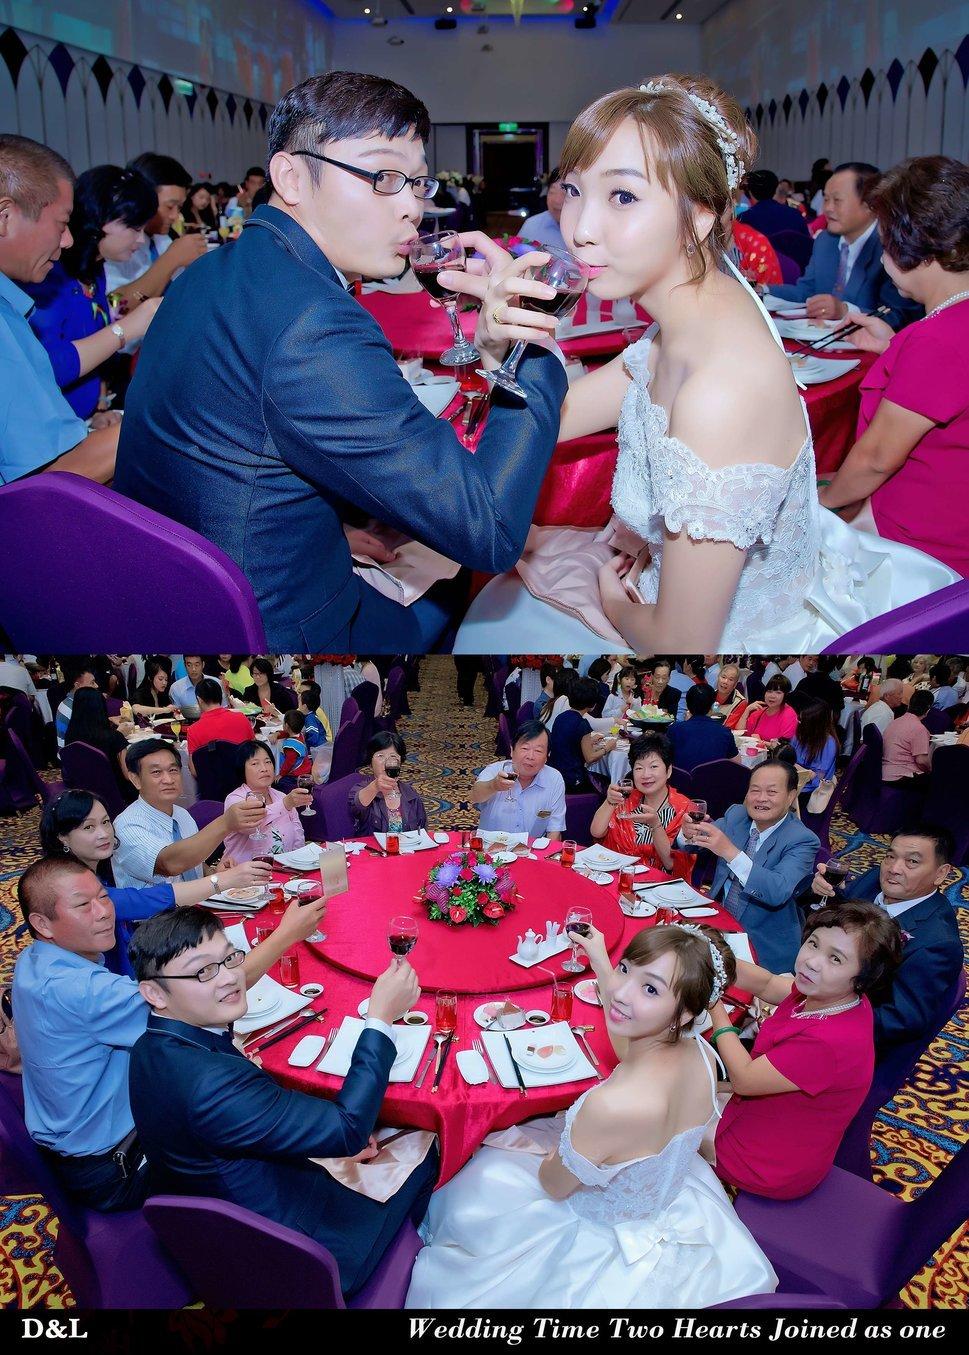 婚禮紀錄 嘉捷&莉卿(編號:300047) - D&L 婚禮事務-婚禮攝影/婚紗寫真 - 結婚吧一站式婚禮服務平台